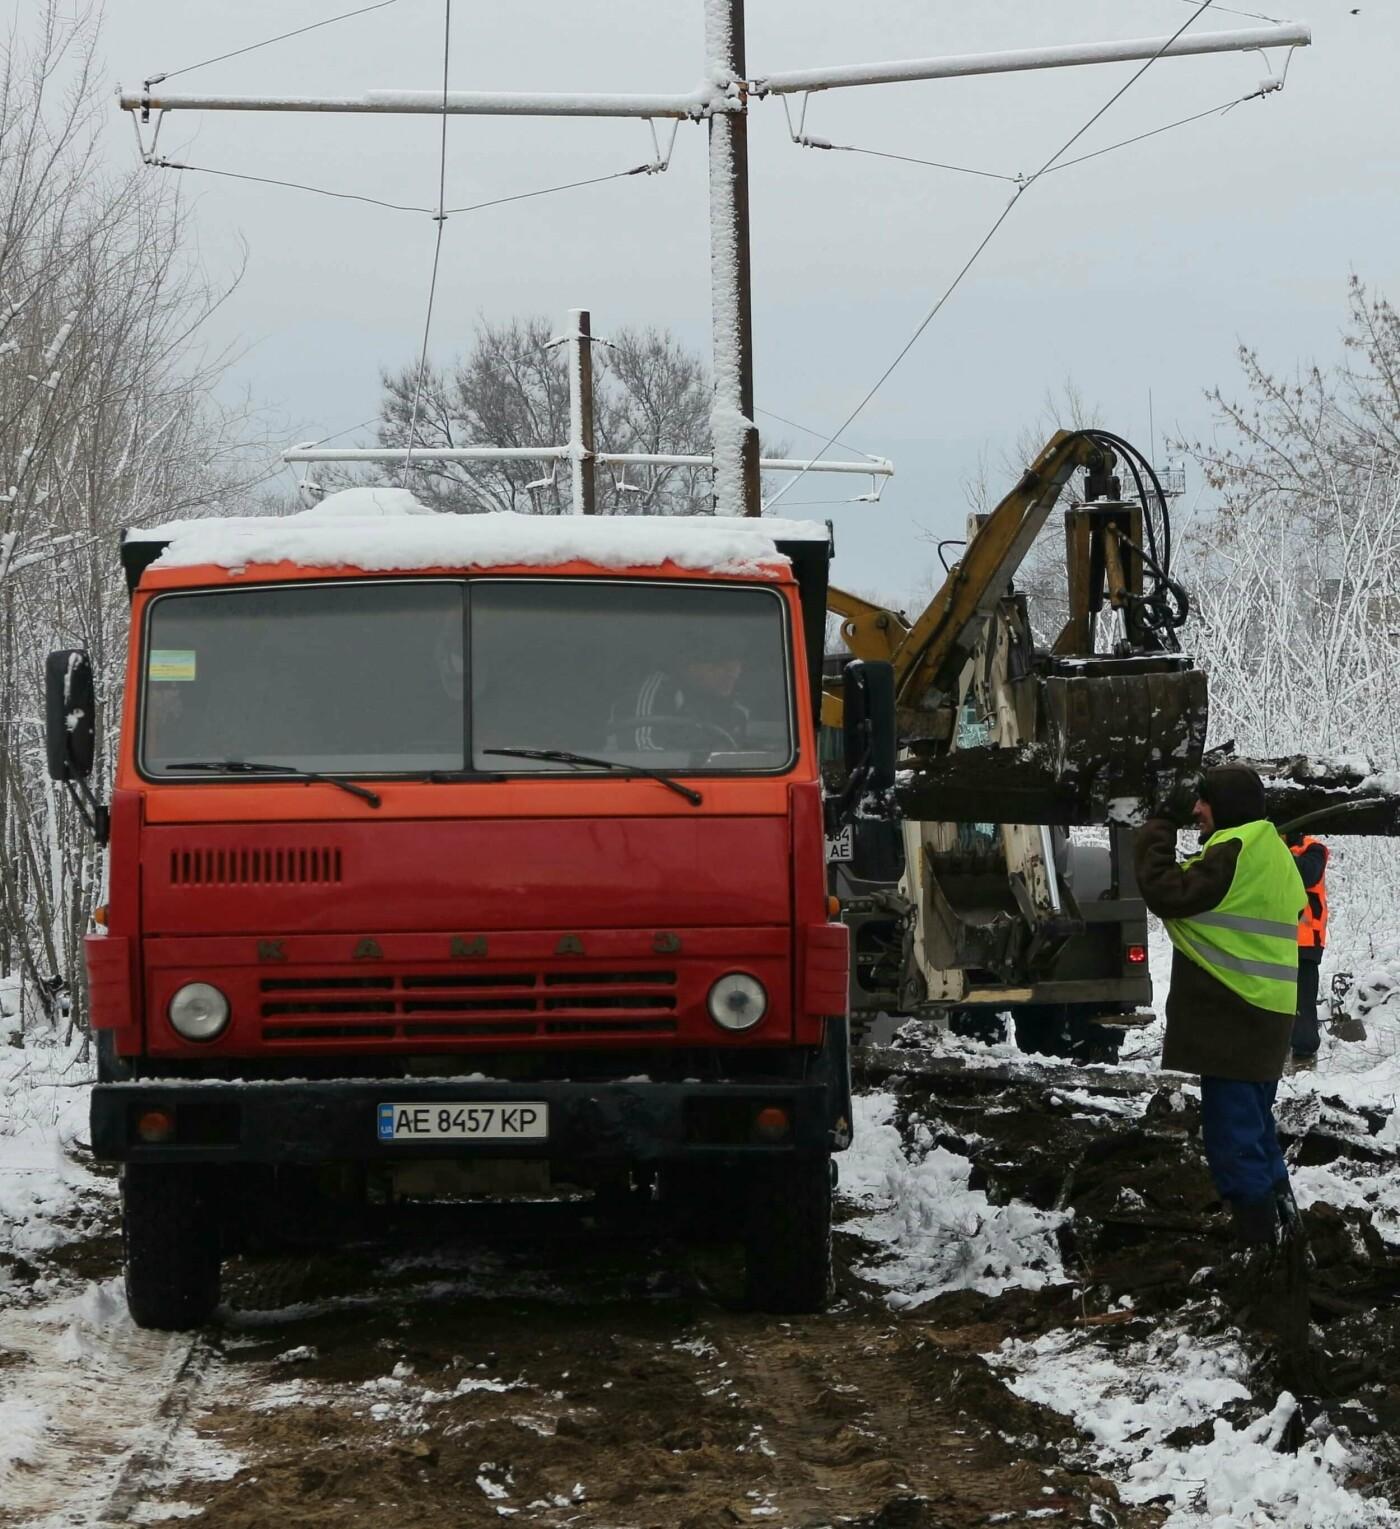 Коммунальщики Днепра капитально отремонтировали трамвайные пути на улице Строителей., фото-1